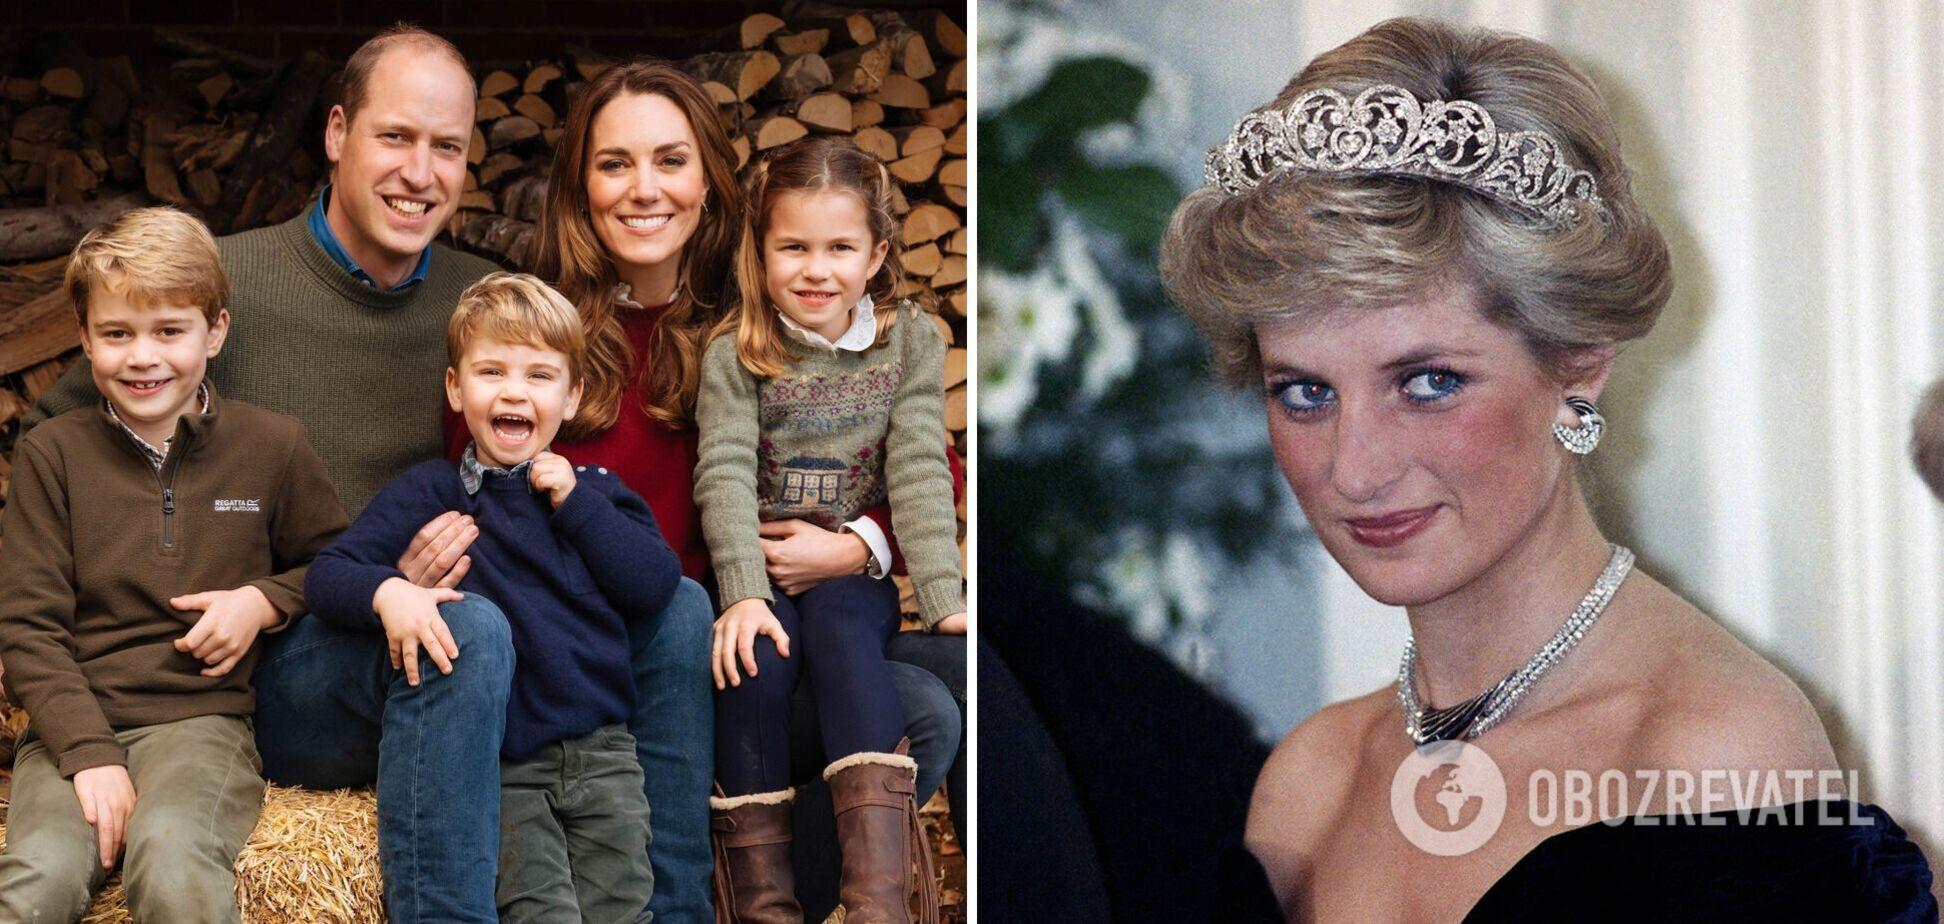 Дети принца Уильяма и Кейт Миддлтон трогательно поздравили с Днем матери принцессу Диану